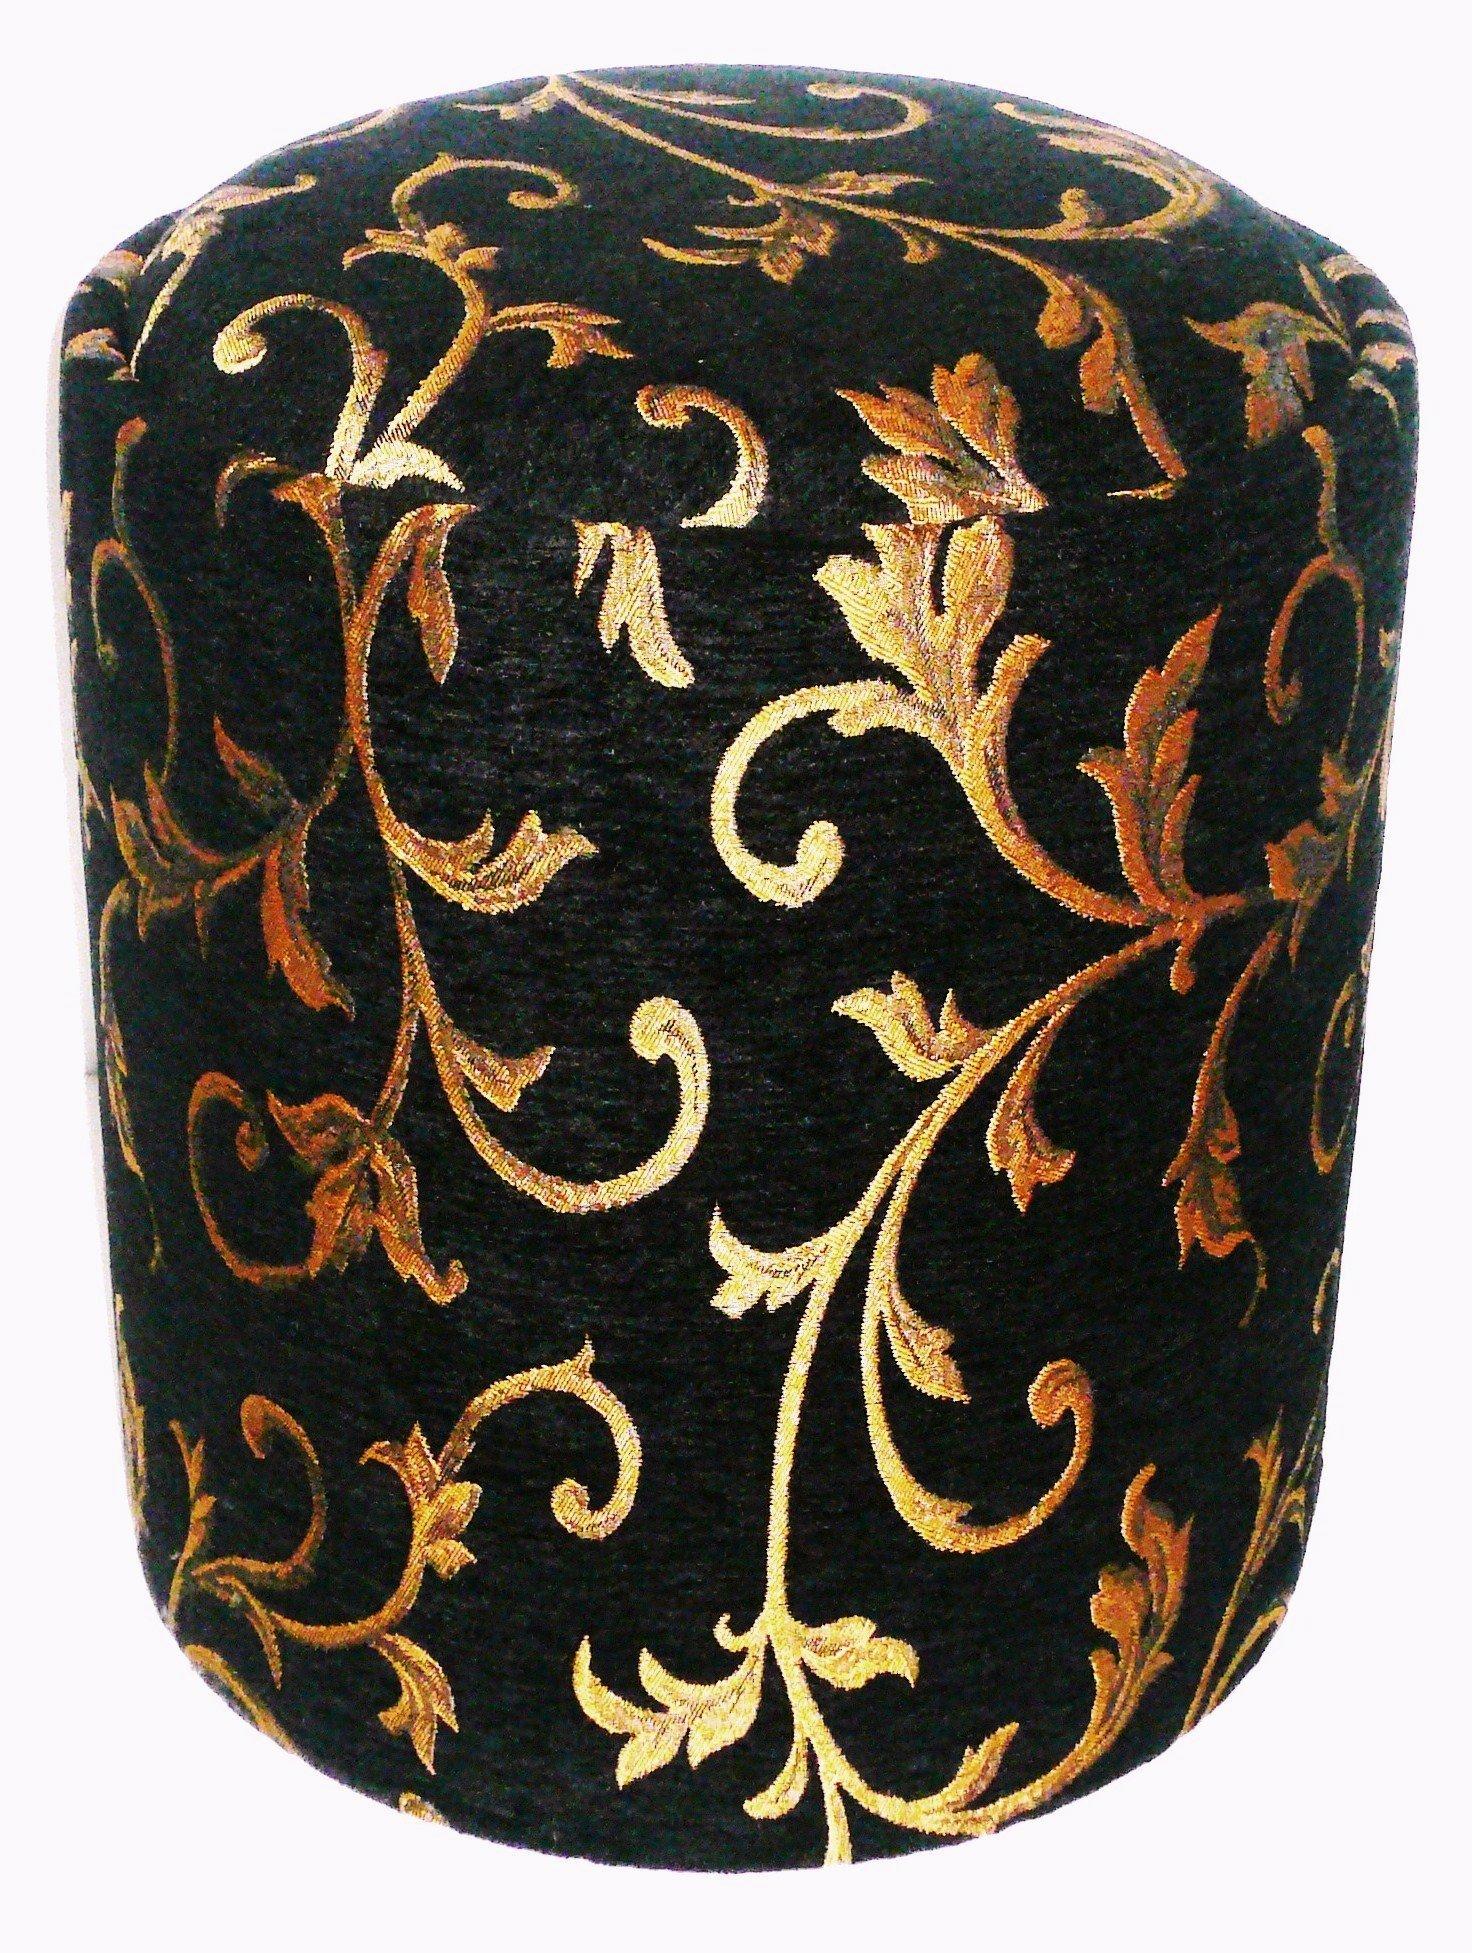 Lawson & Son's Ony-Tab Royal Onyx Taboret Storage Ottoman by Lawson & Son's